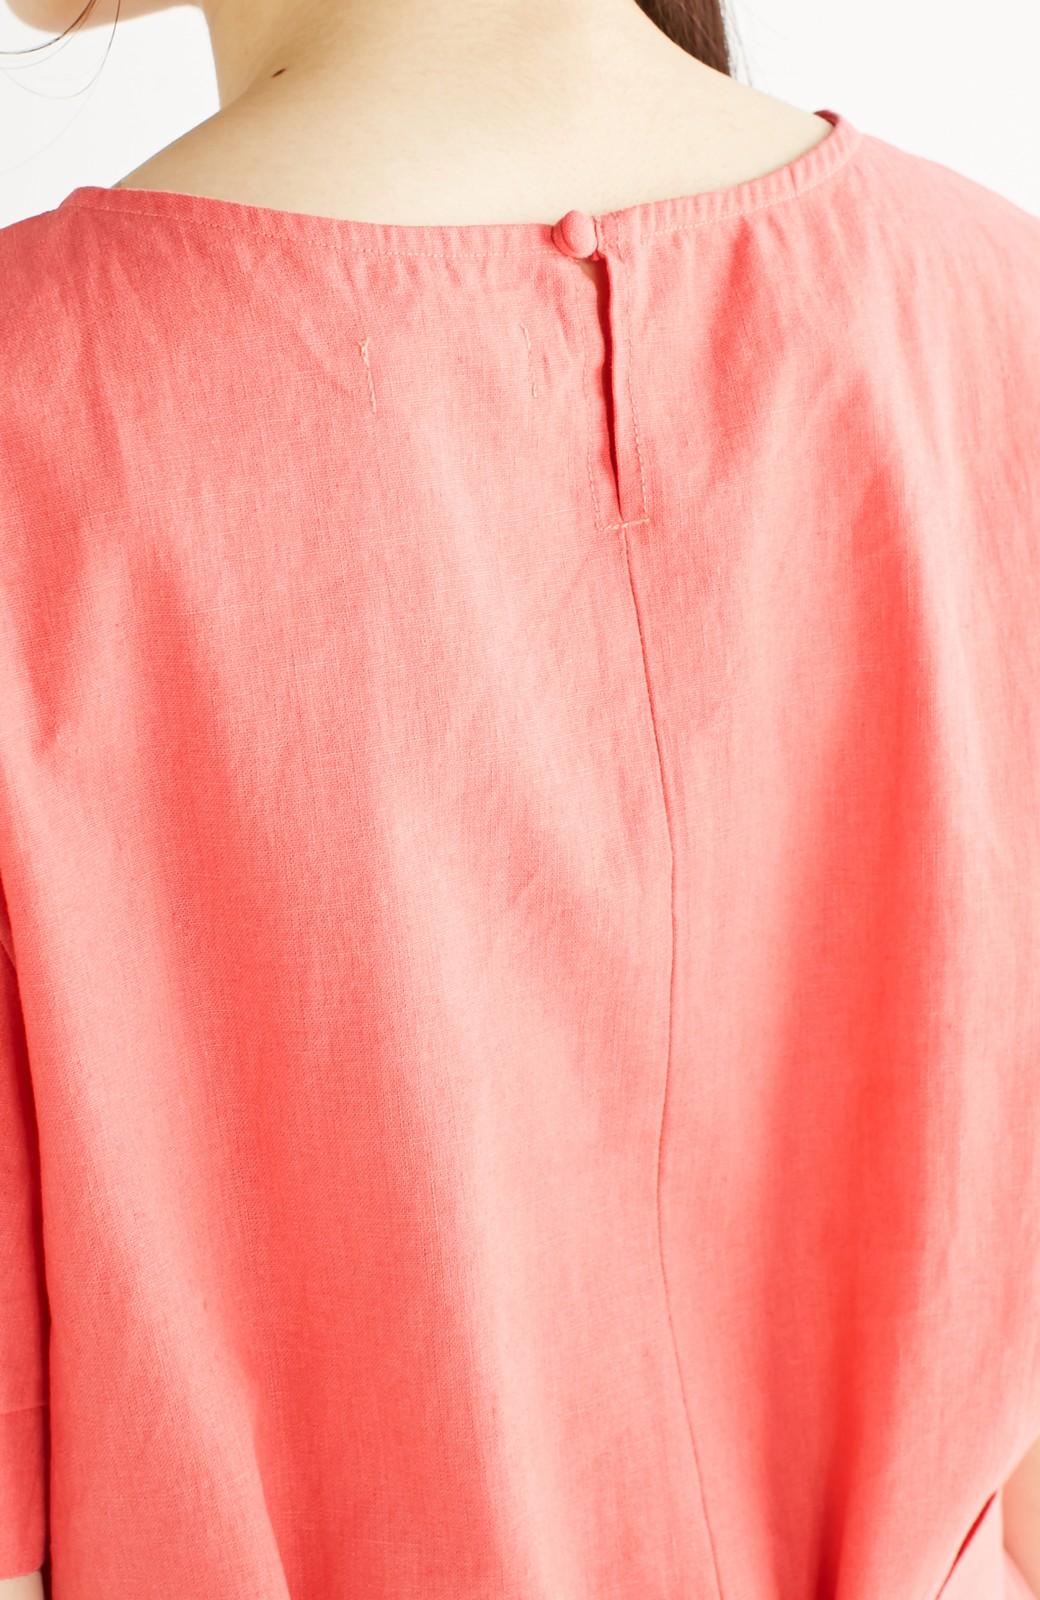 nusy 綿麻素材のウエストリボン付き2WAYトップス <サーモンピンク>の商品写真17